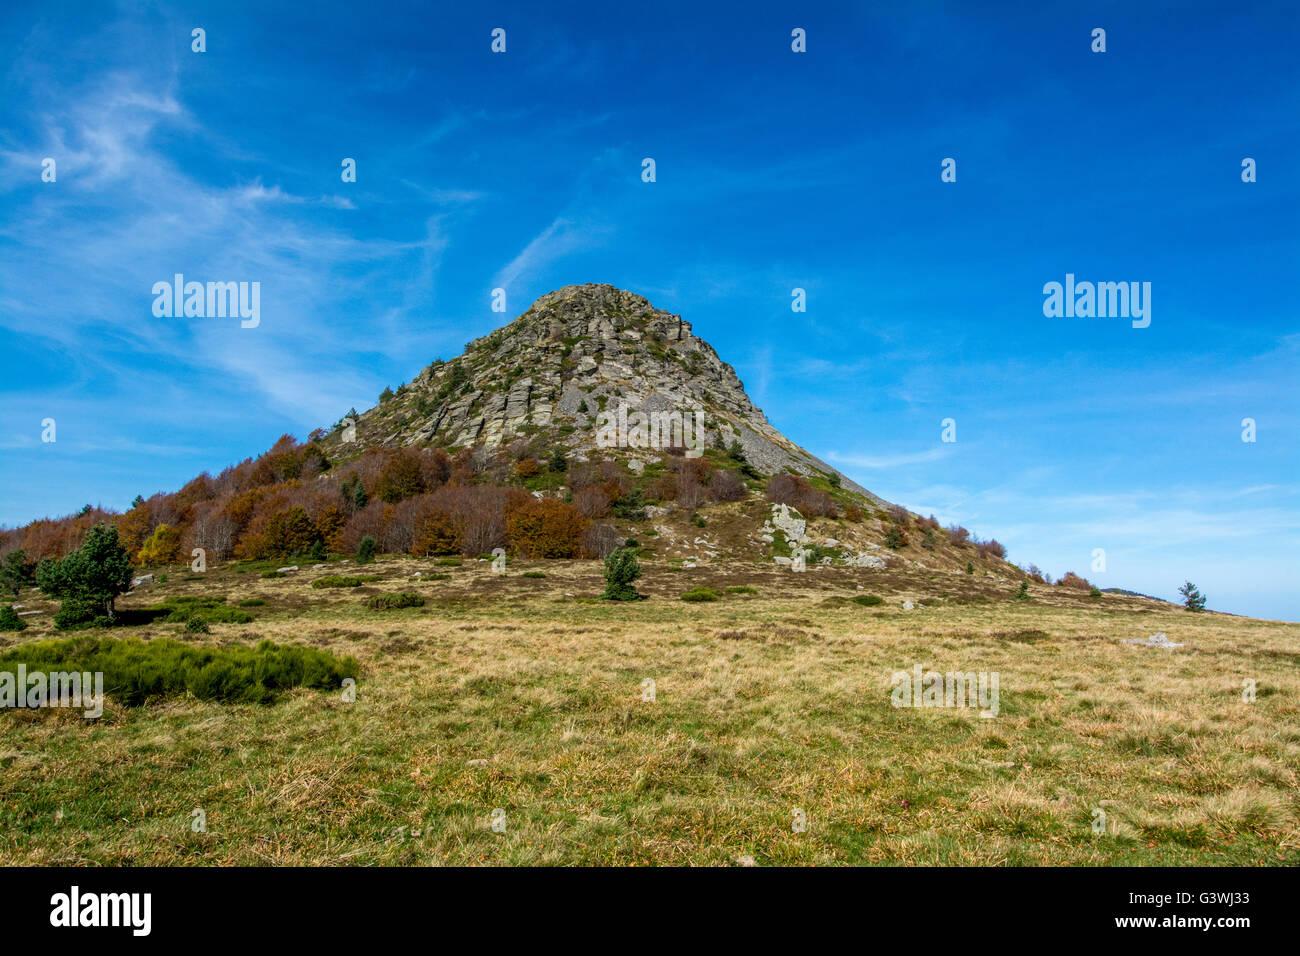 Mont Gerbier de Jonc, Massif of Mezenc, Ardeche, France - Stock Image